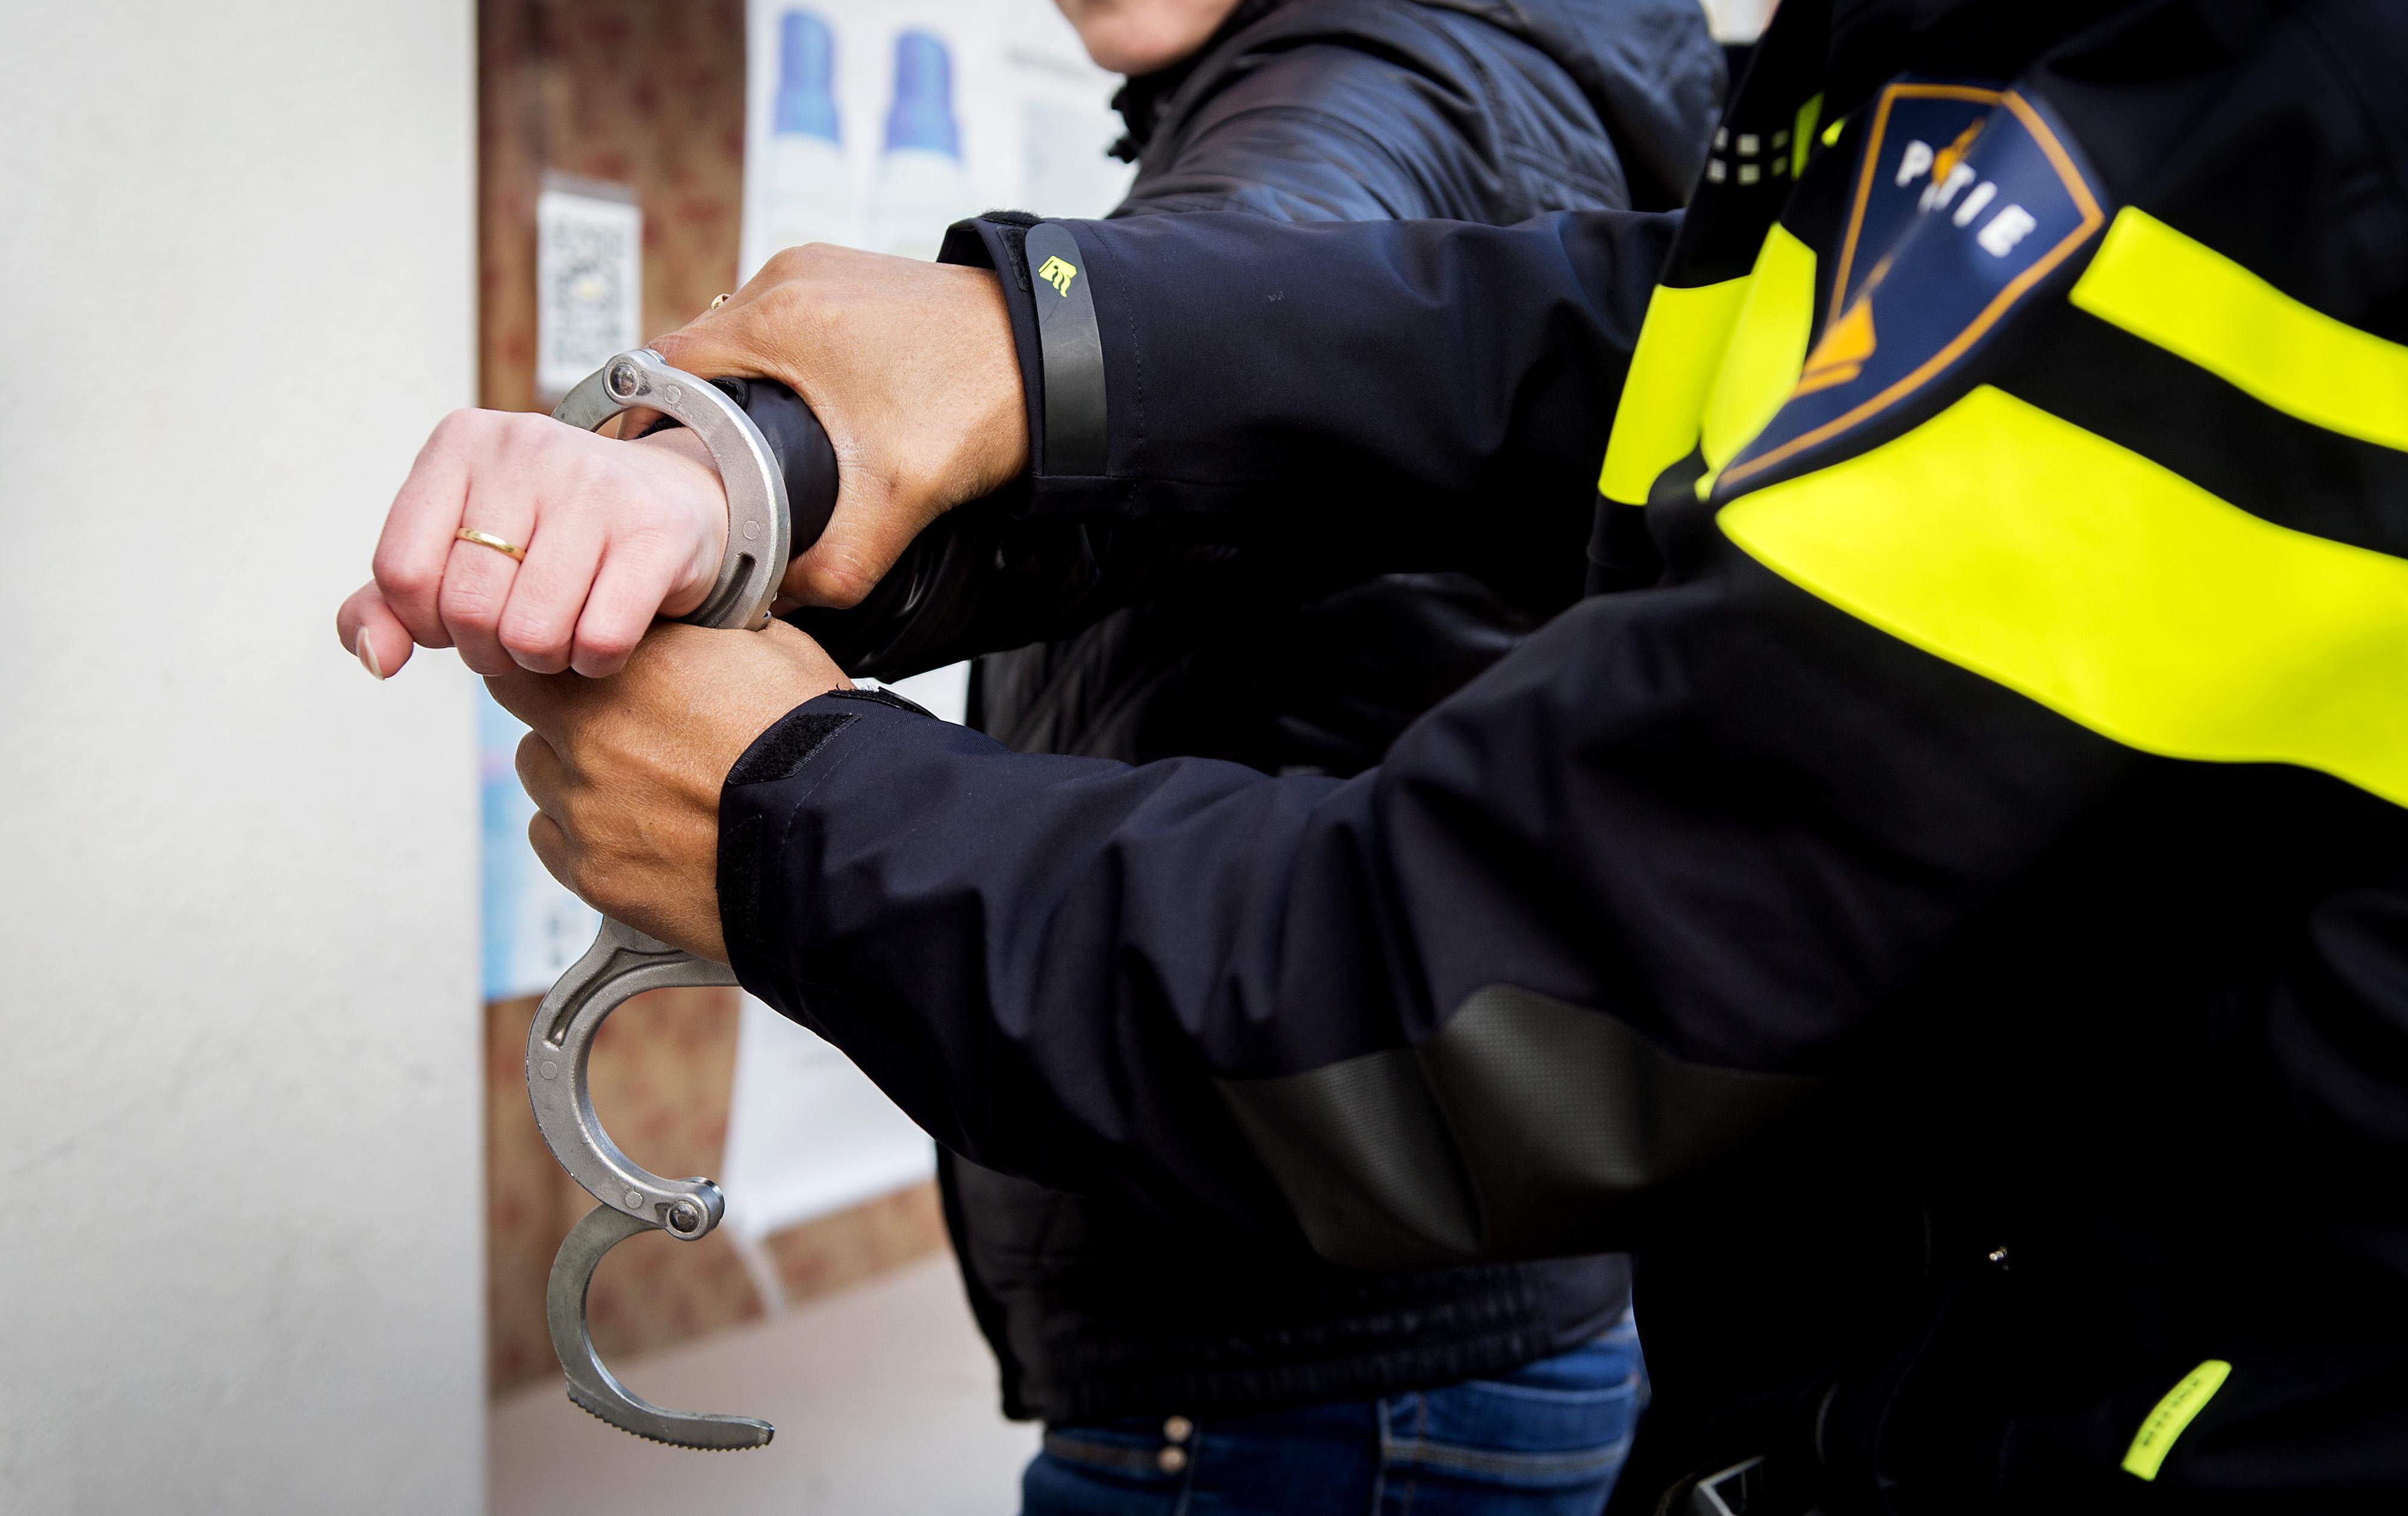 Politie rolt drugsbende op, man uit Rijnsburg aangehouden